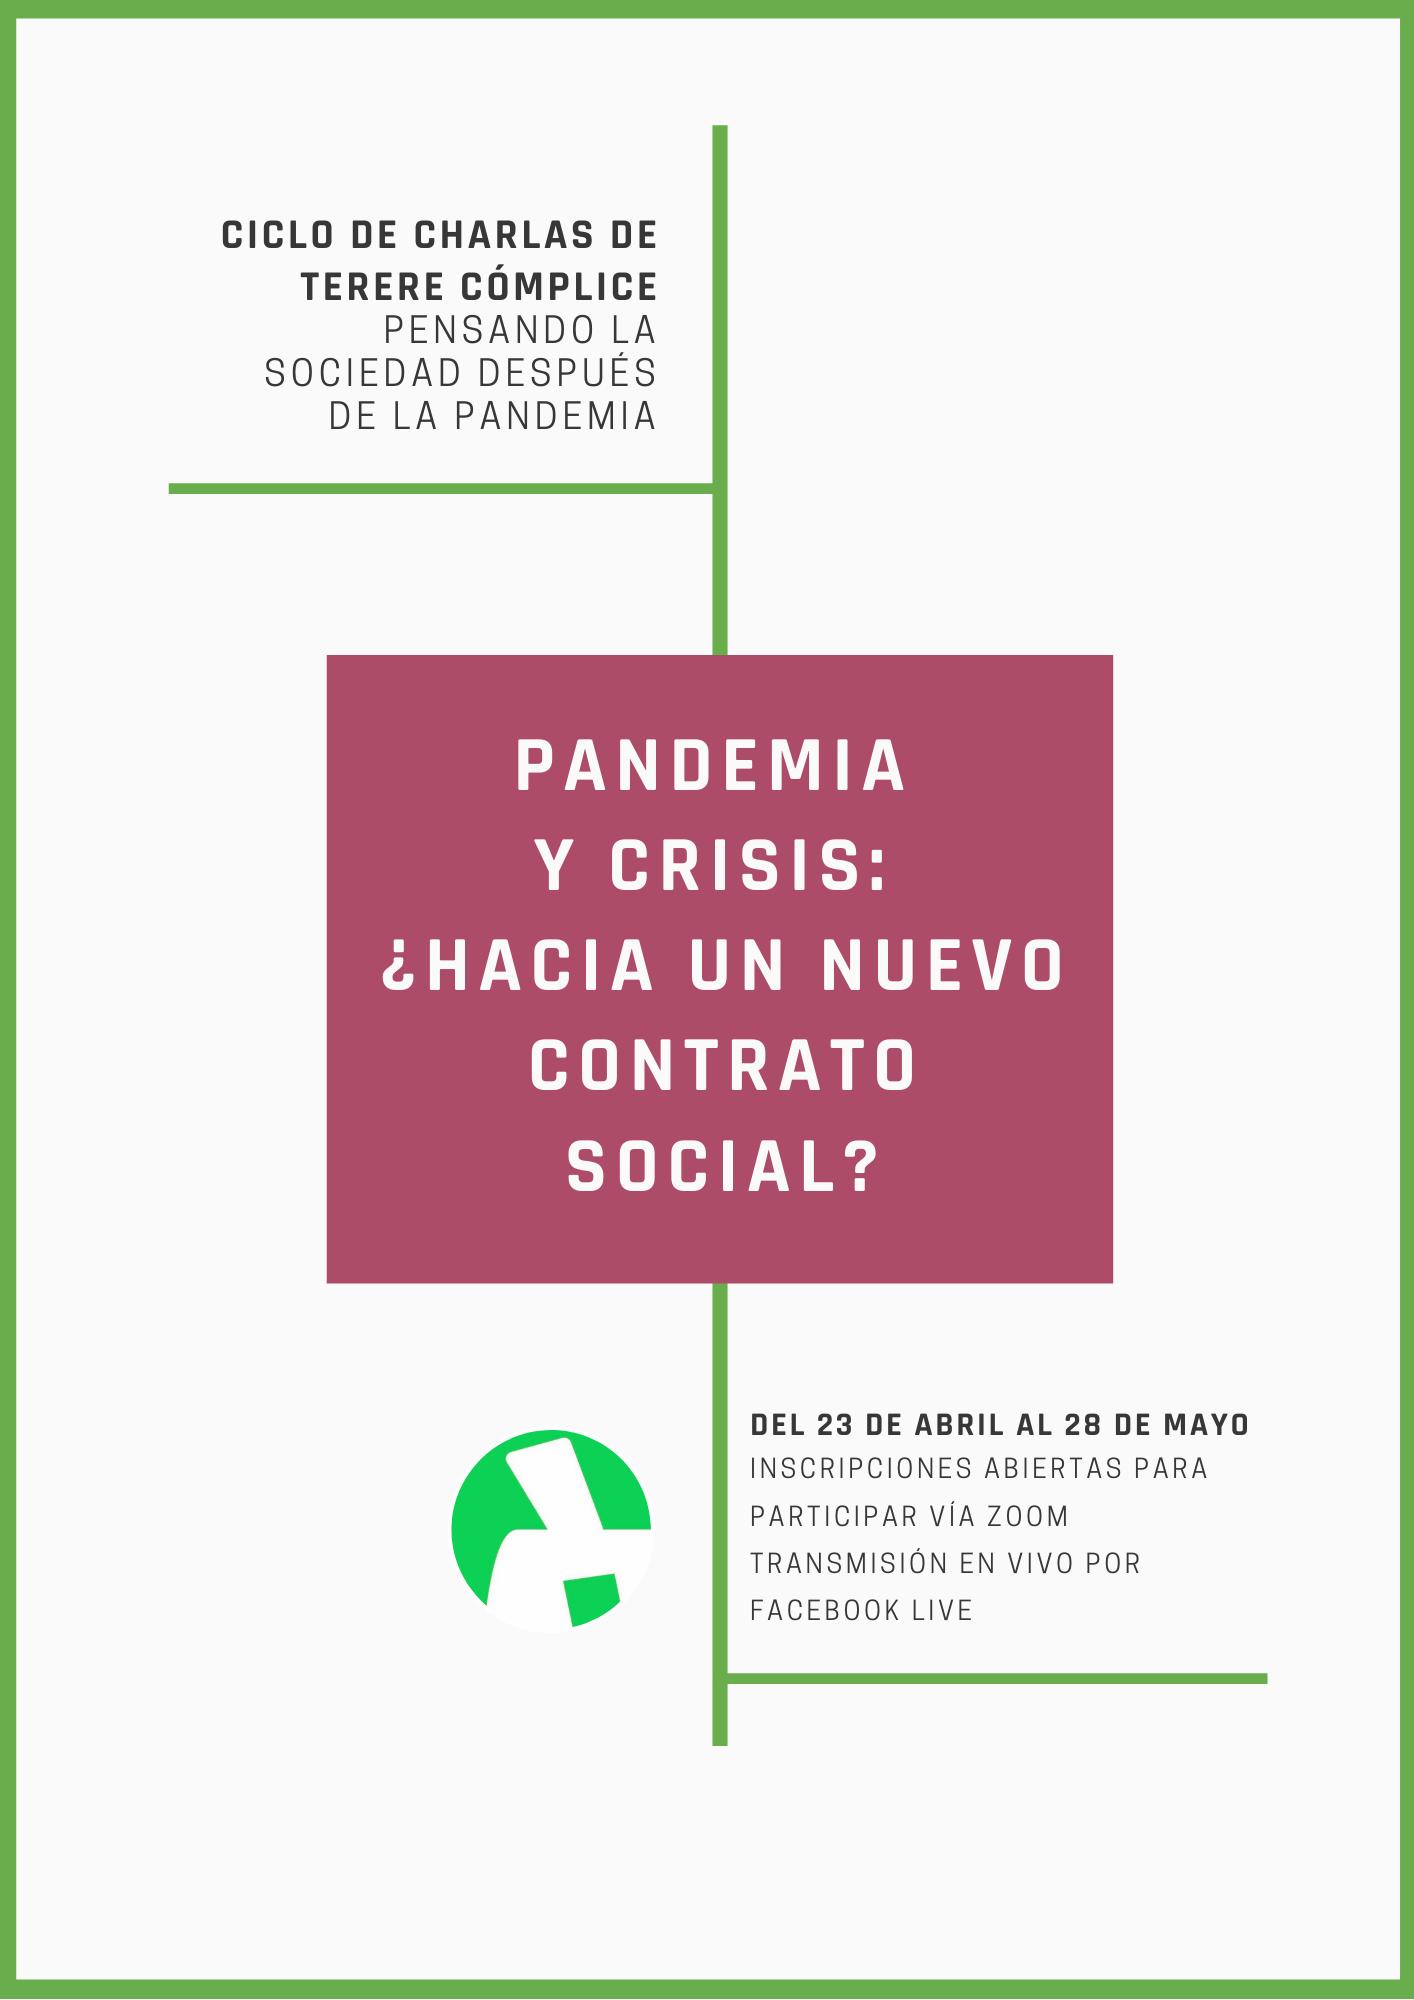 Pandemia y crisis: ¿hacia un nuevo contrato social? Ciclo de charlas de Terere Cómplice para(re)pensar el rol del Estado y su vínculo con la sociedad en torno a la crisis de COVID-19